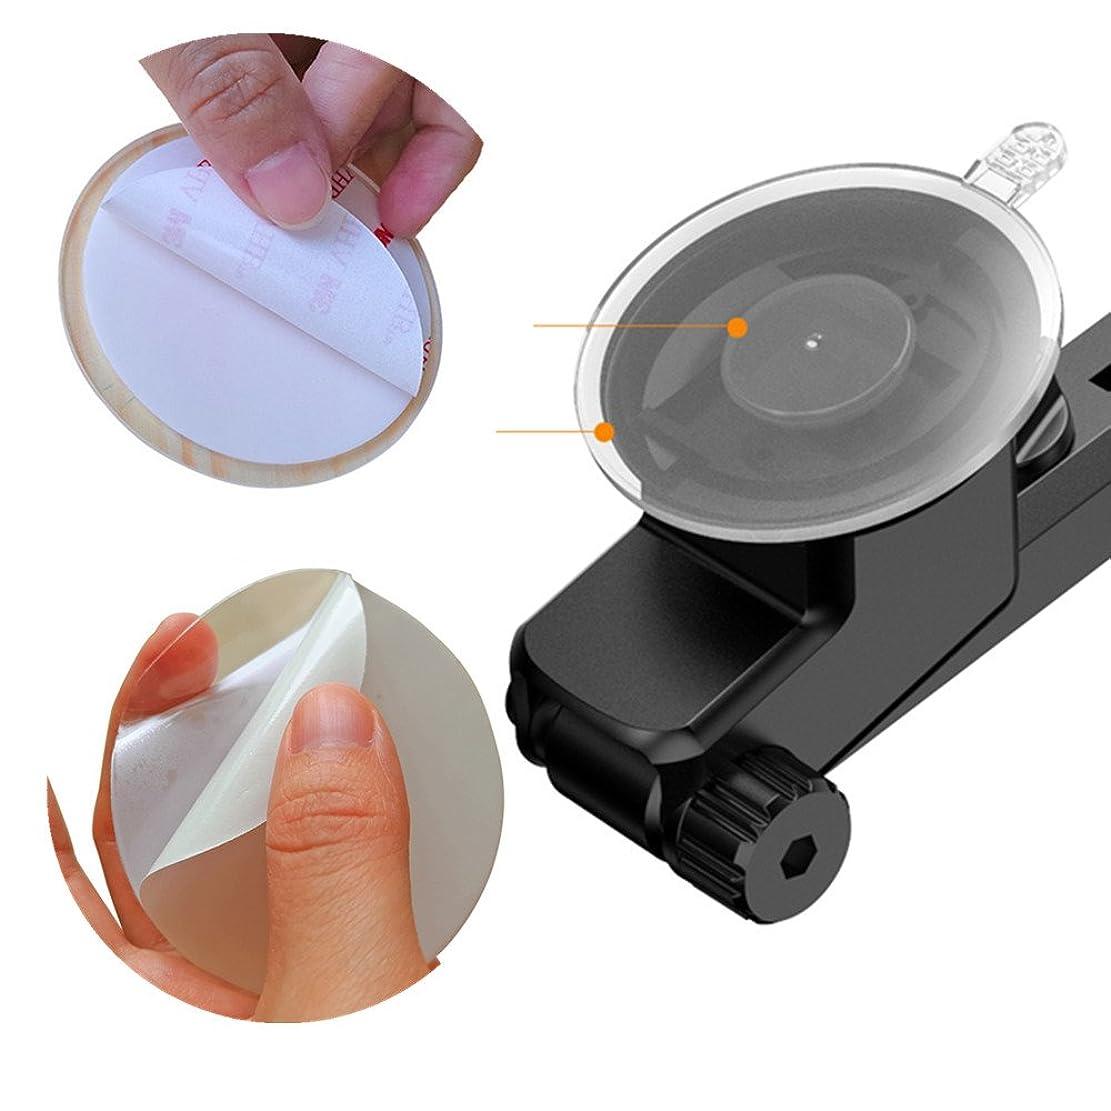 リブキャロラインマラソンMeetRade ダッシュボードパッド マウントディスク 4個パック 吸盤 携帯電話マウント GPS吸引 サット ナビ ダッシュカメラホルダー 両面取り外し可能 ユニバーサルダッシュマウントパッド 3/M 粘着性 直径80mm